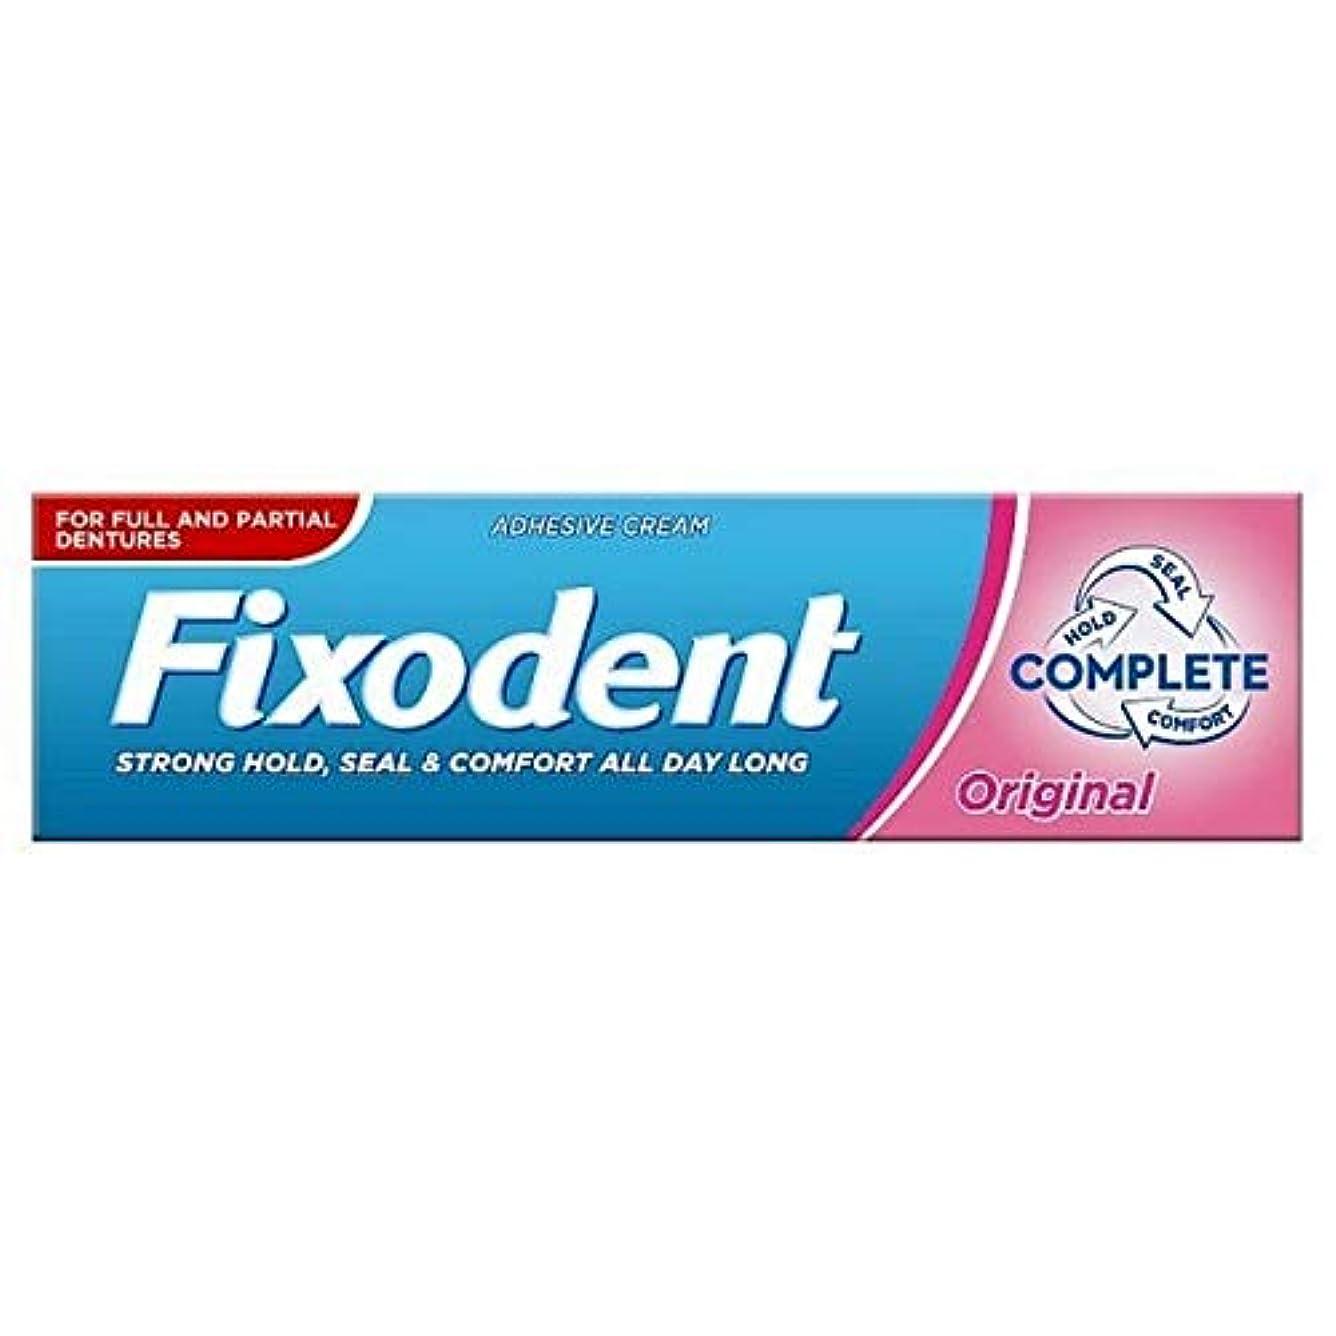 格差アンカー不当[Fixodent] Fixodent元義歯接着剤47グラム - Fixodent Original Denture Adhesive 47g [並行輸入品]